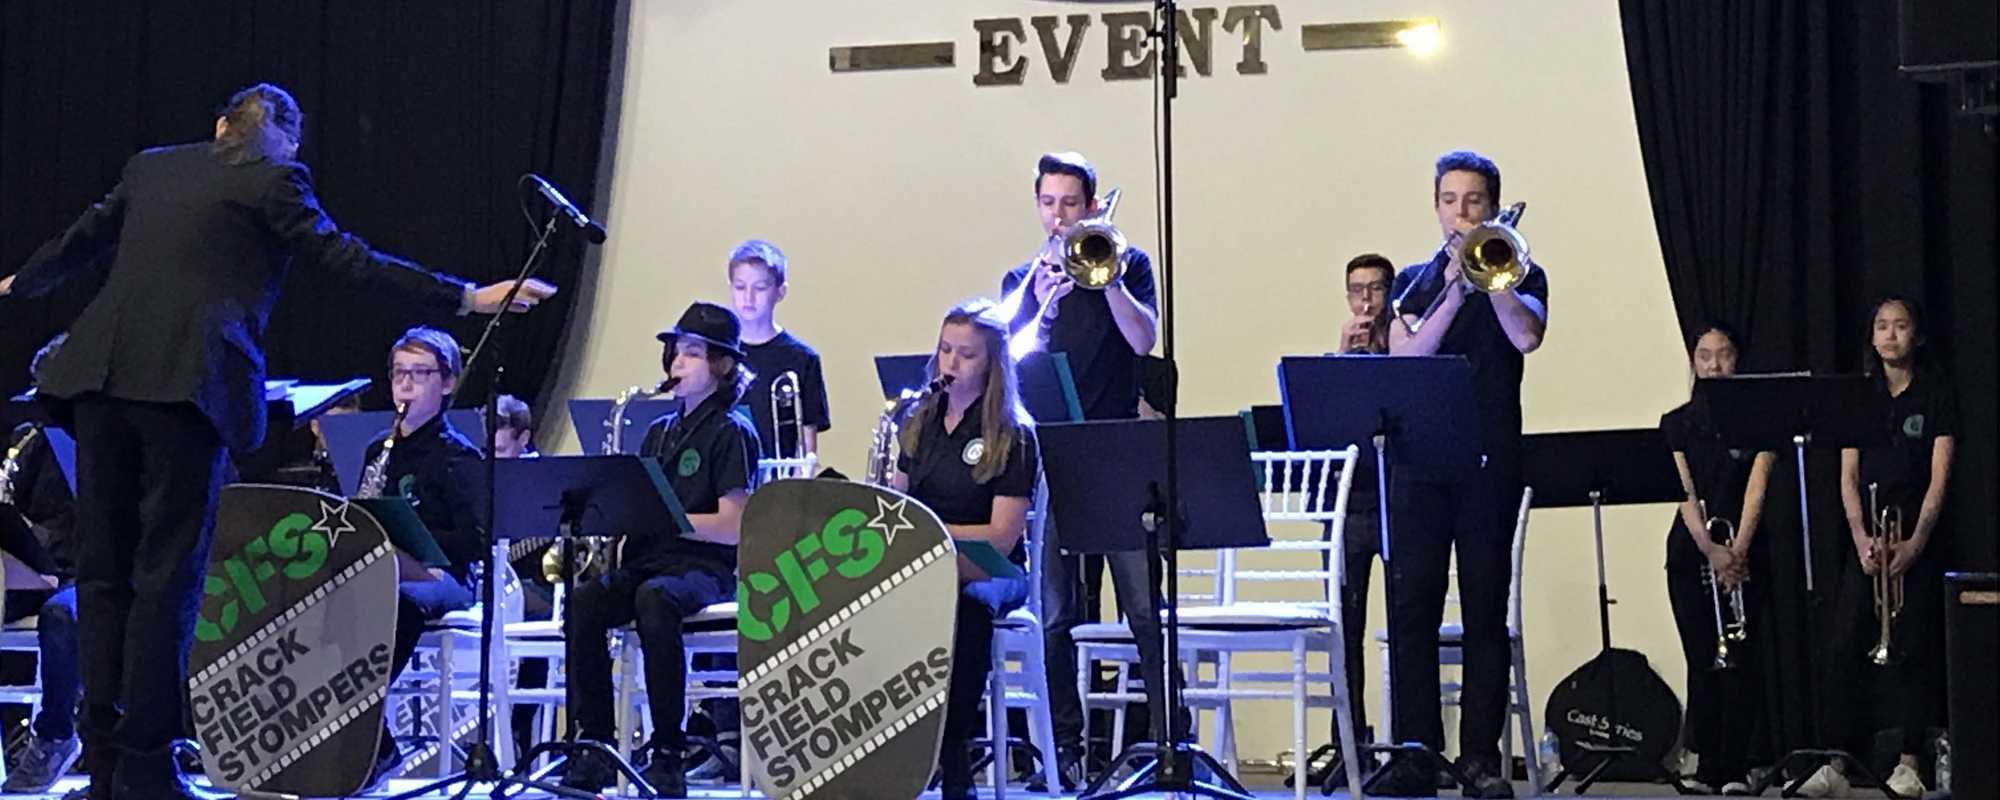 27.11. CFS-Benefizkonzert mit der Big Band des Landespolizeiorchesters NRW